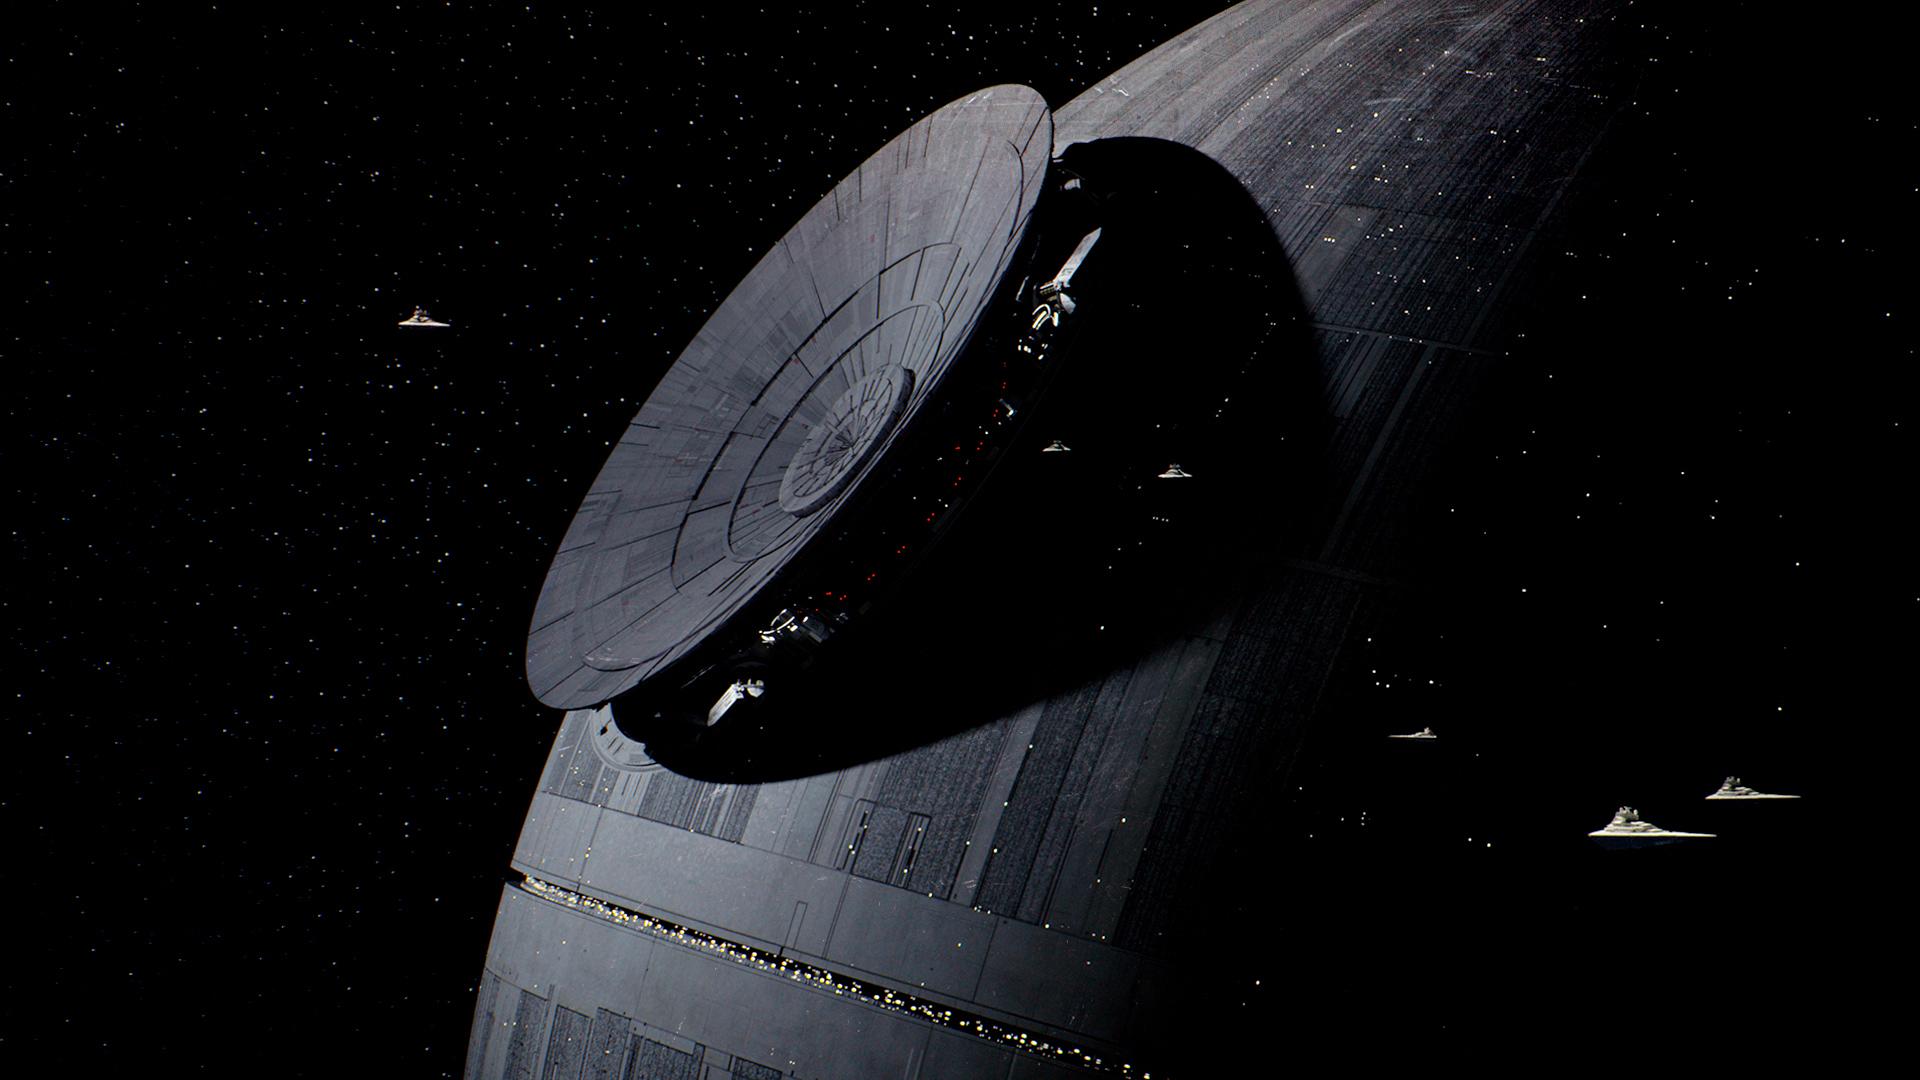 Kto wykradł plany Gwiazdy Śmierci? Tę historię musisz poznać przed pójściem do kina na Łotra 1